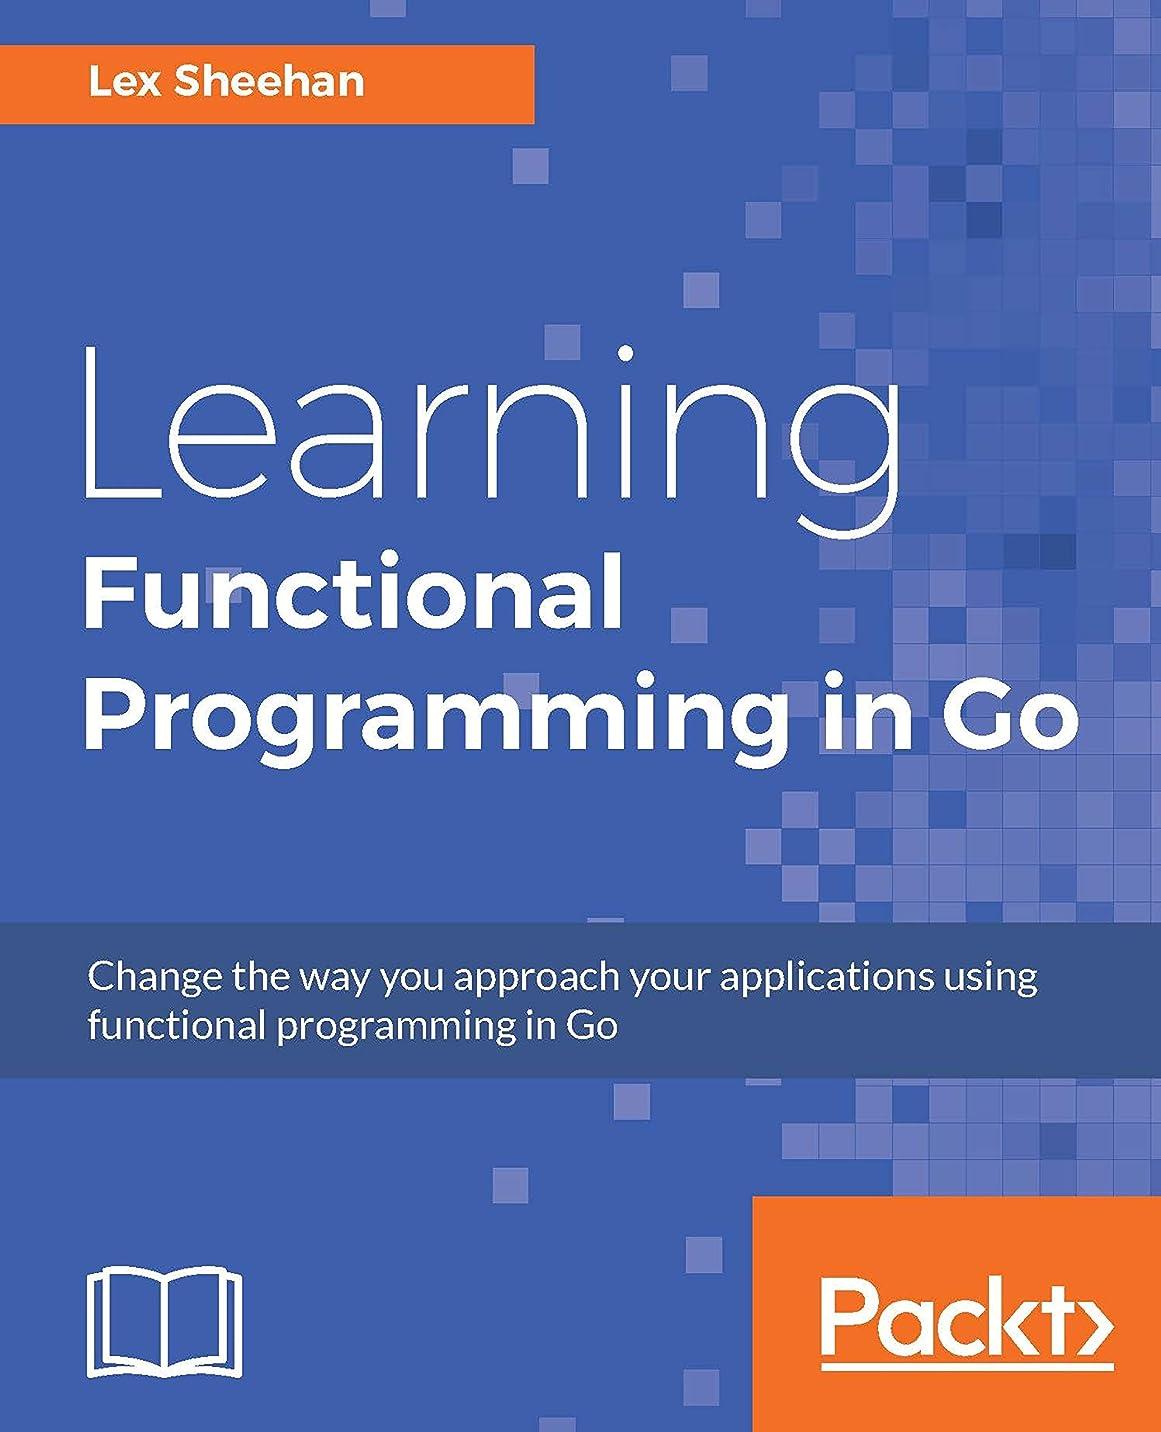 蜂キャンセル聖職者Learning Functional Programming in Go: Change the way you approach your applications using functional programming in Go (English Edition)